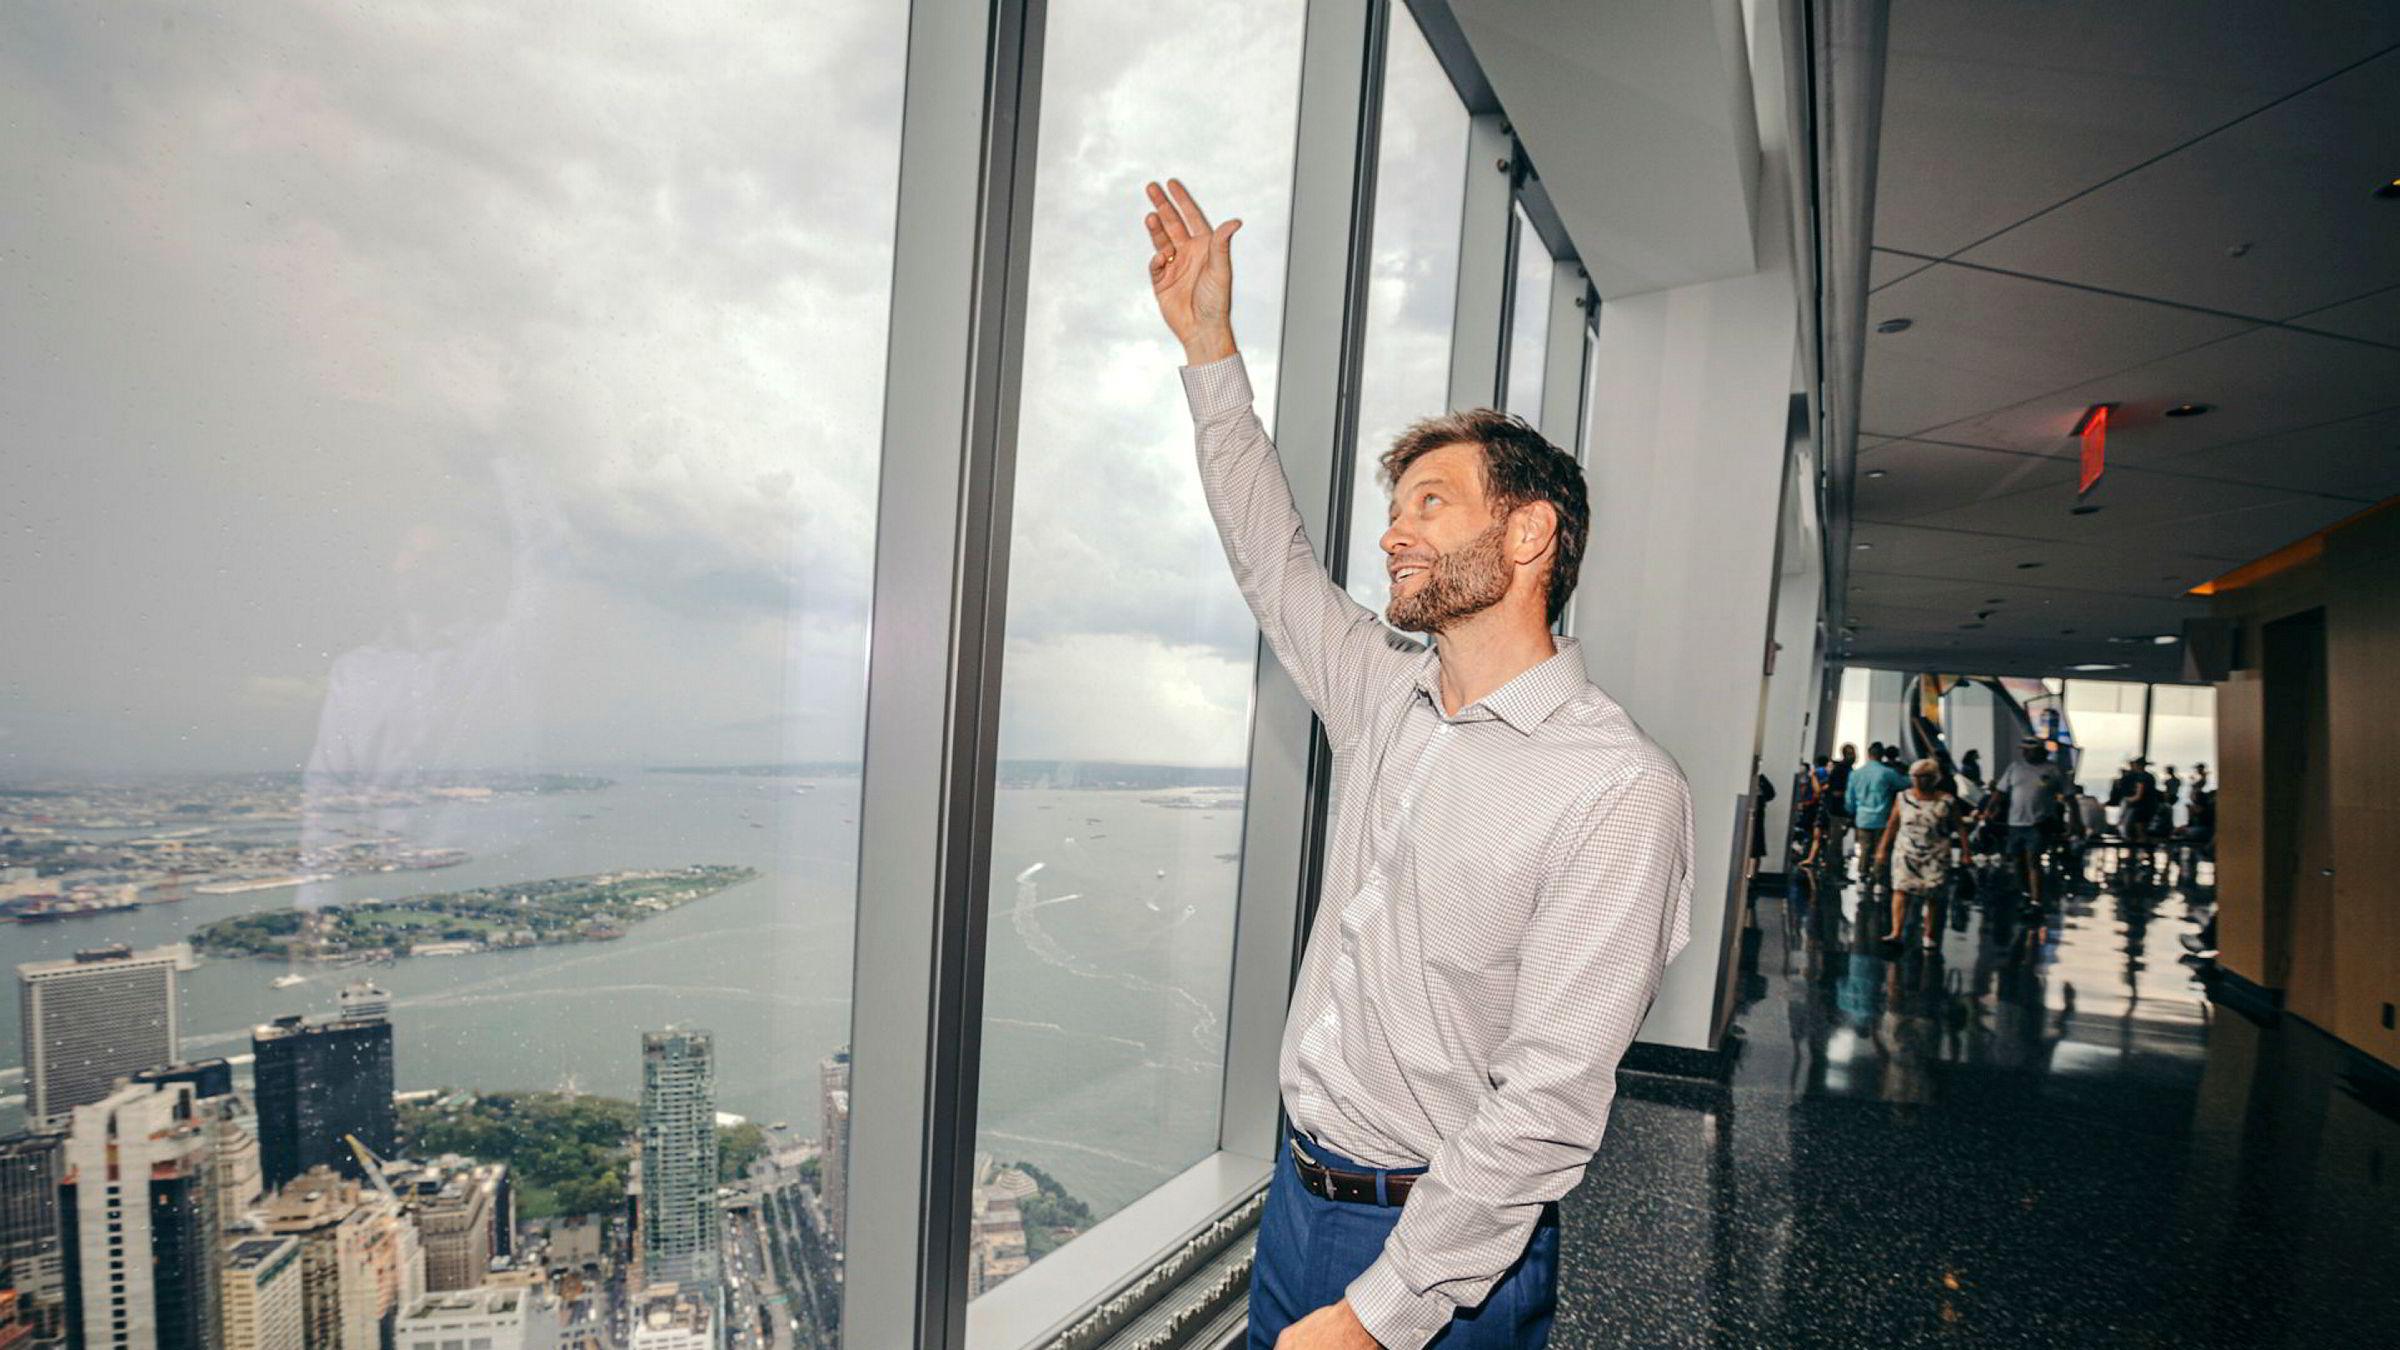 Christer af Geijerstam viser hvor, og hvordan, nye havvindmøller i New York settes sammen av Equinor. Fra taket av One World Trade Center ses store deler av havnen, og her håper direktøren å bygge flere vindprosjekter de neste ti årene.